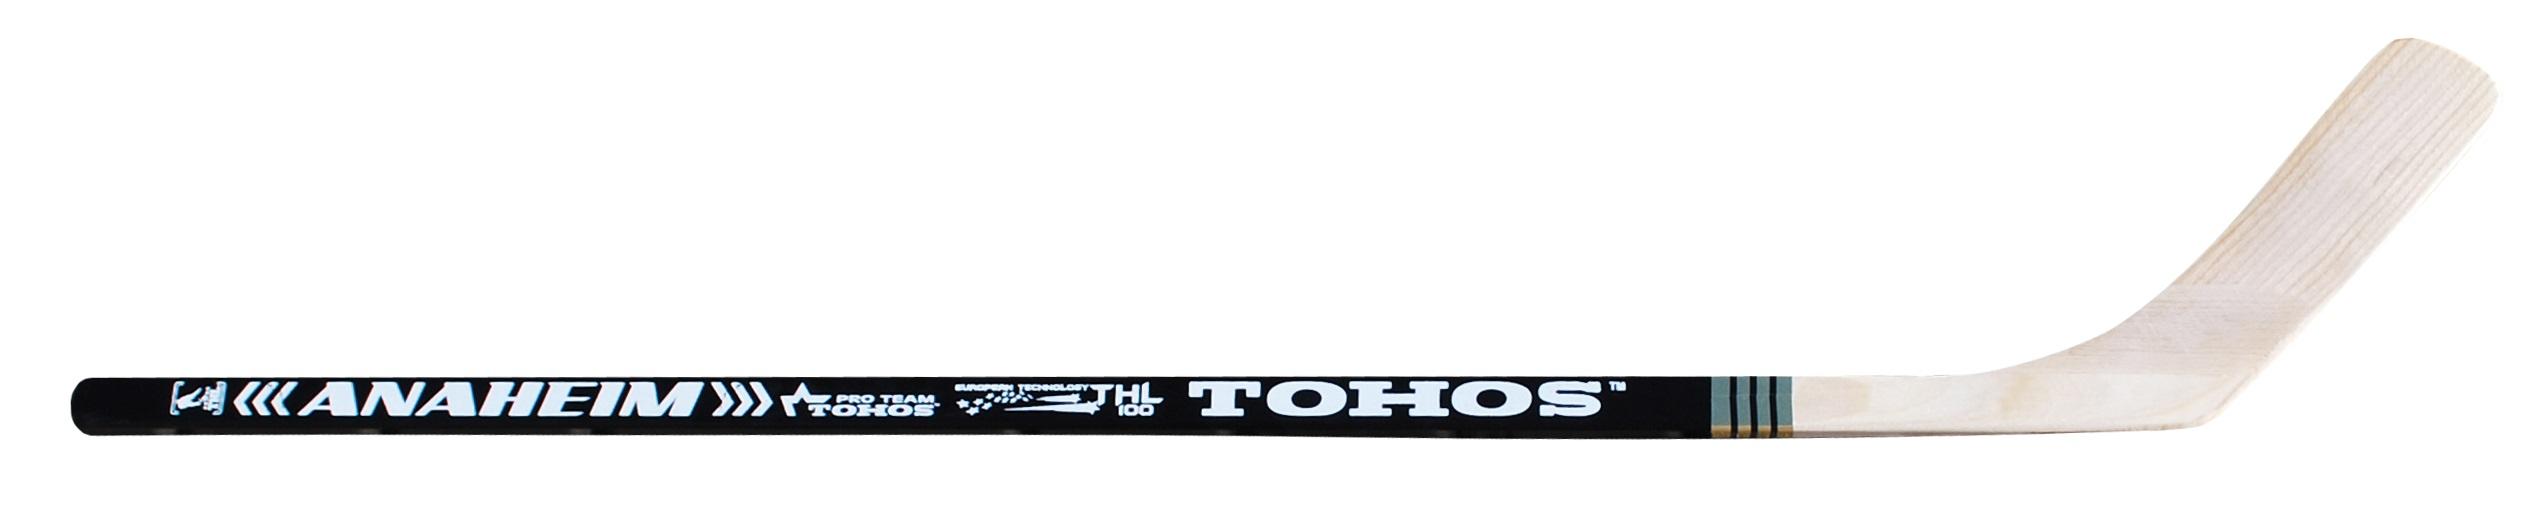 Hokejka Tohos Anaheim rovná 100cm